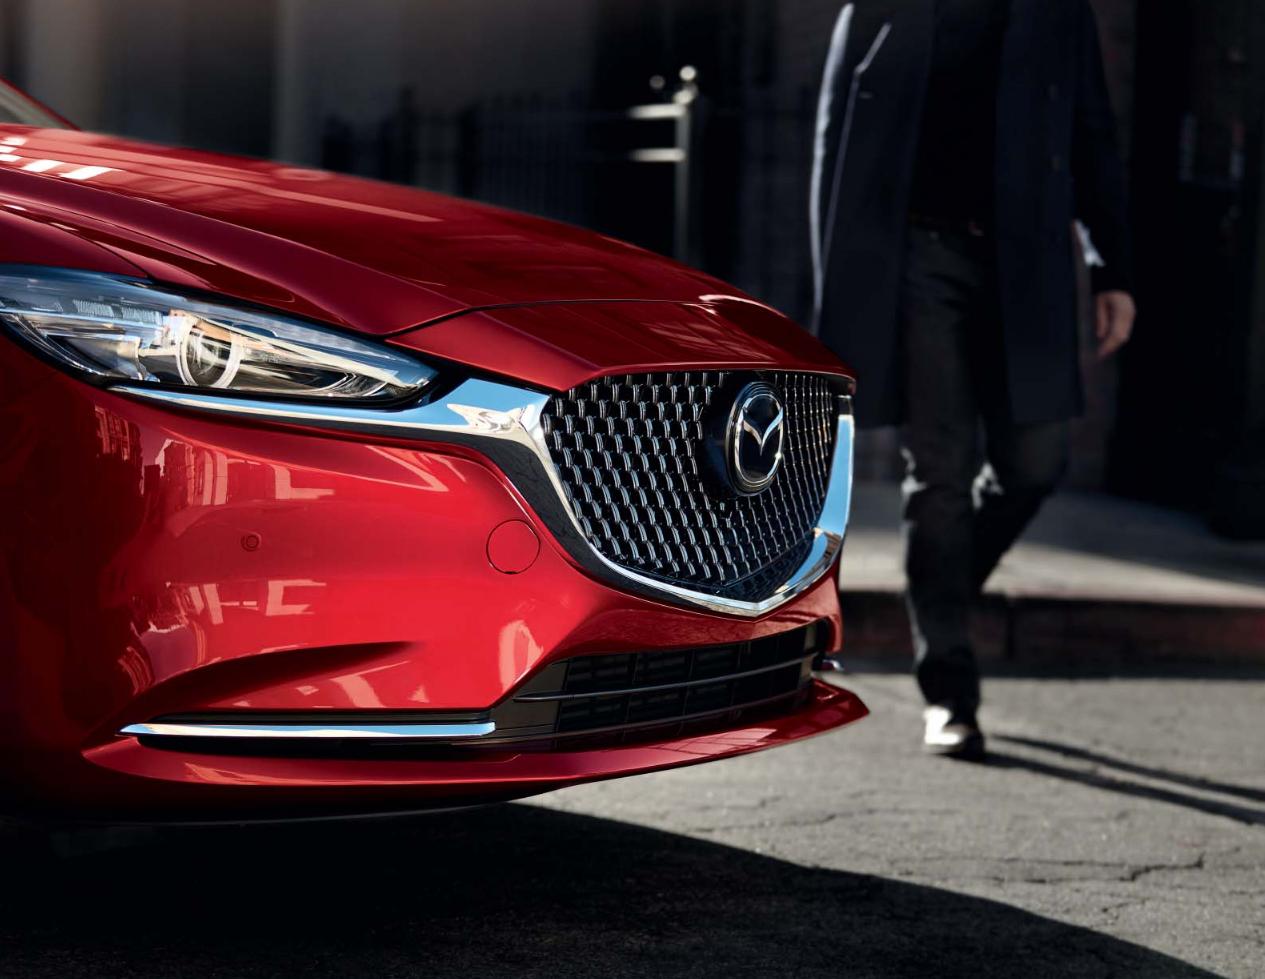 Mazda6 Auto Stahl Modellabbildung Front und seitlicher Kühlergrill, Modellfarbe rot